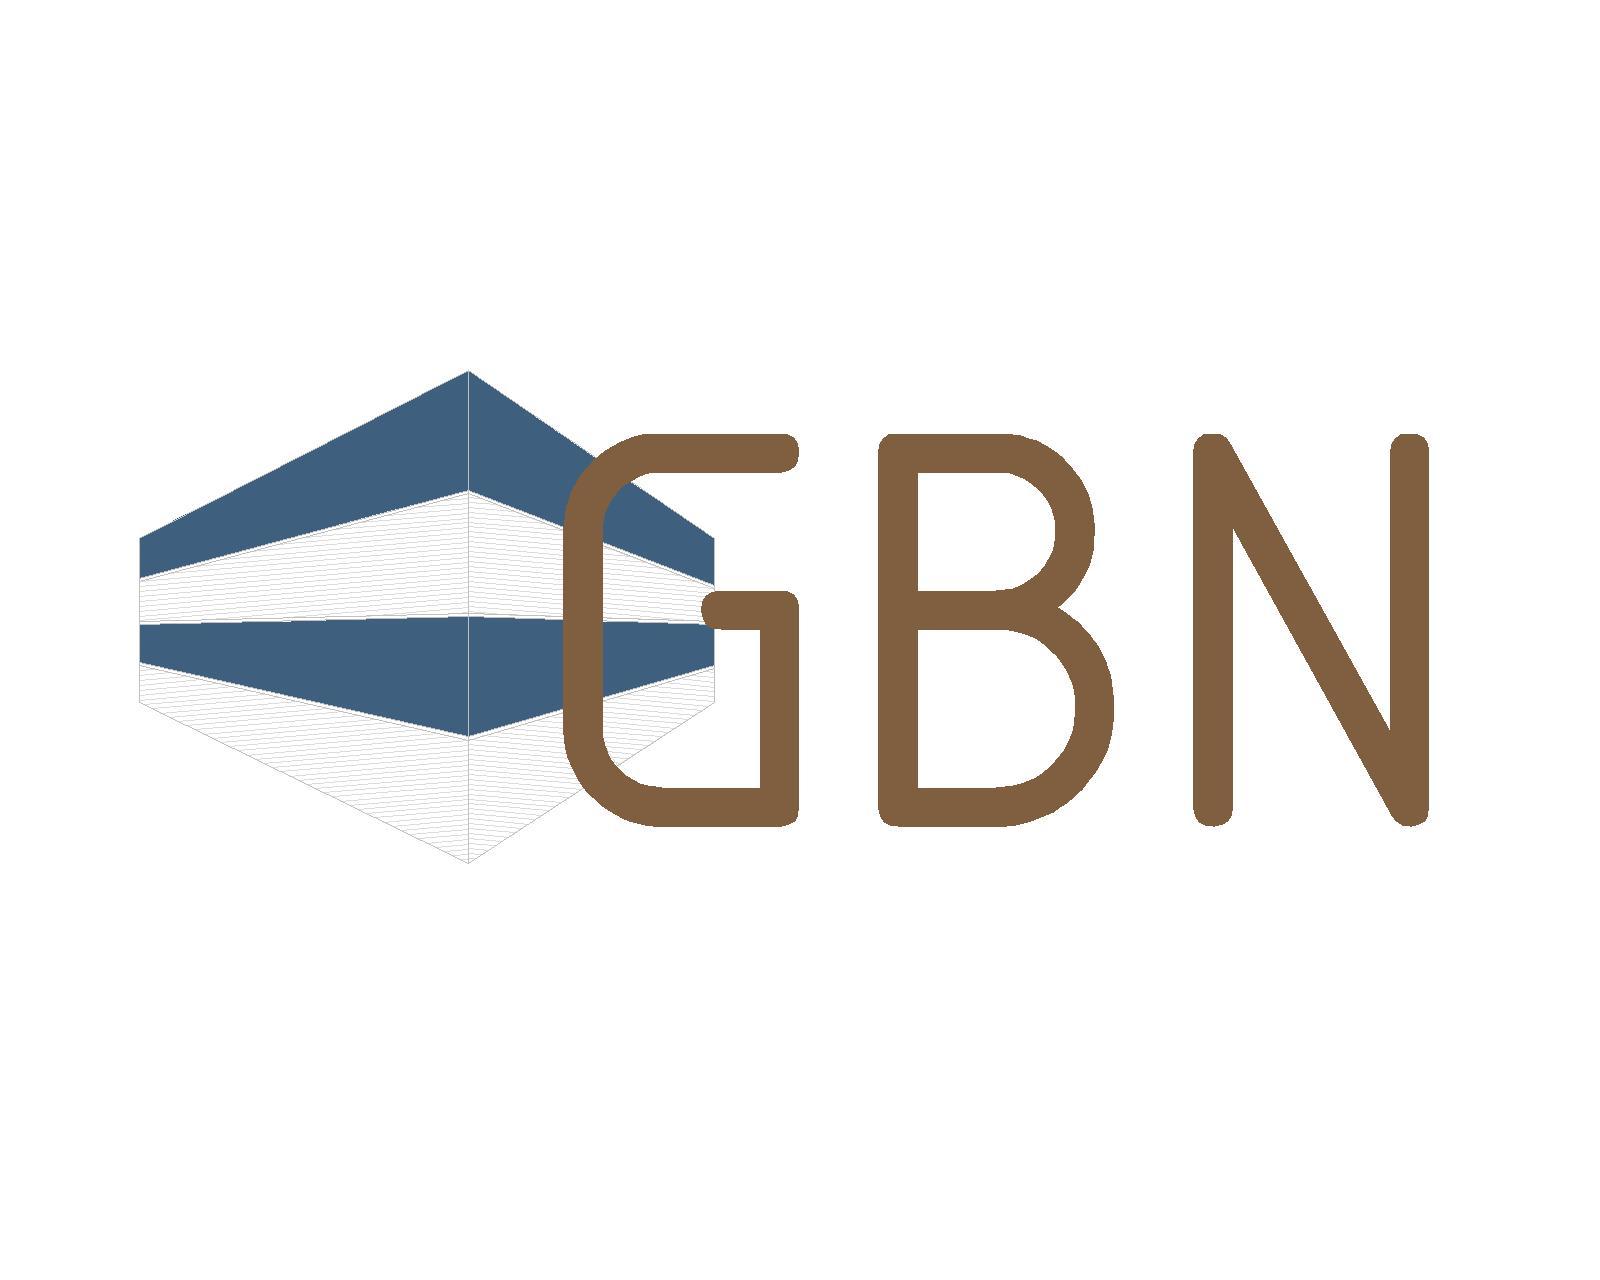 Gbn Construccion